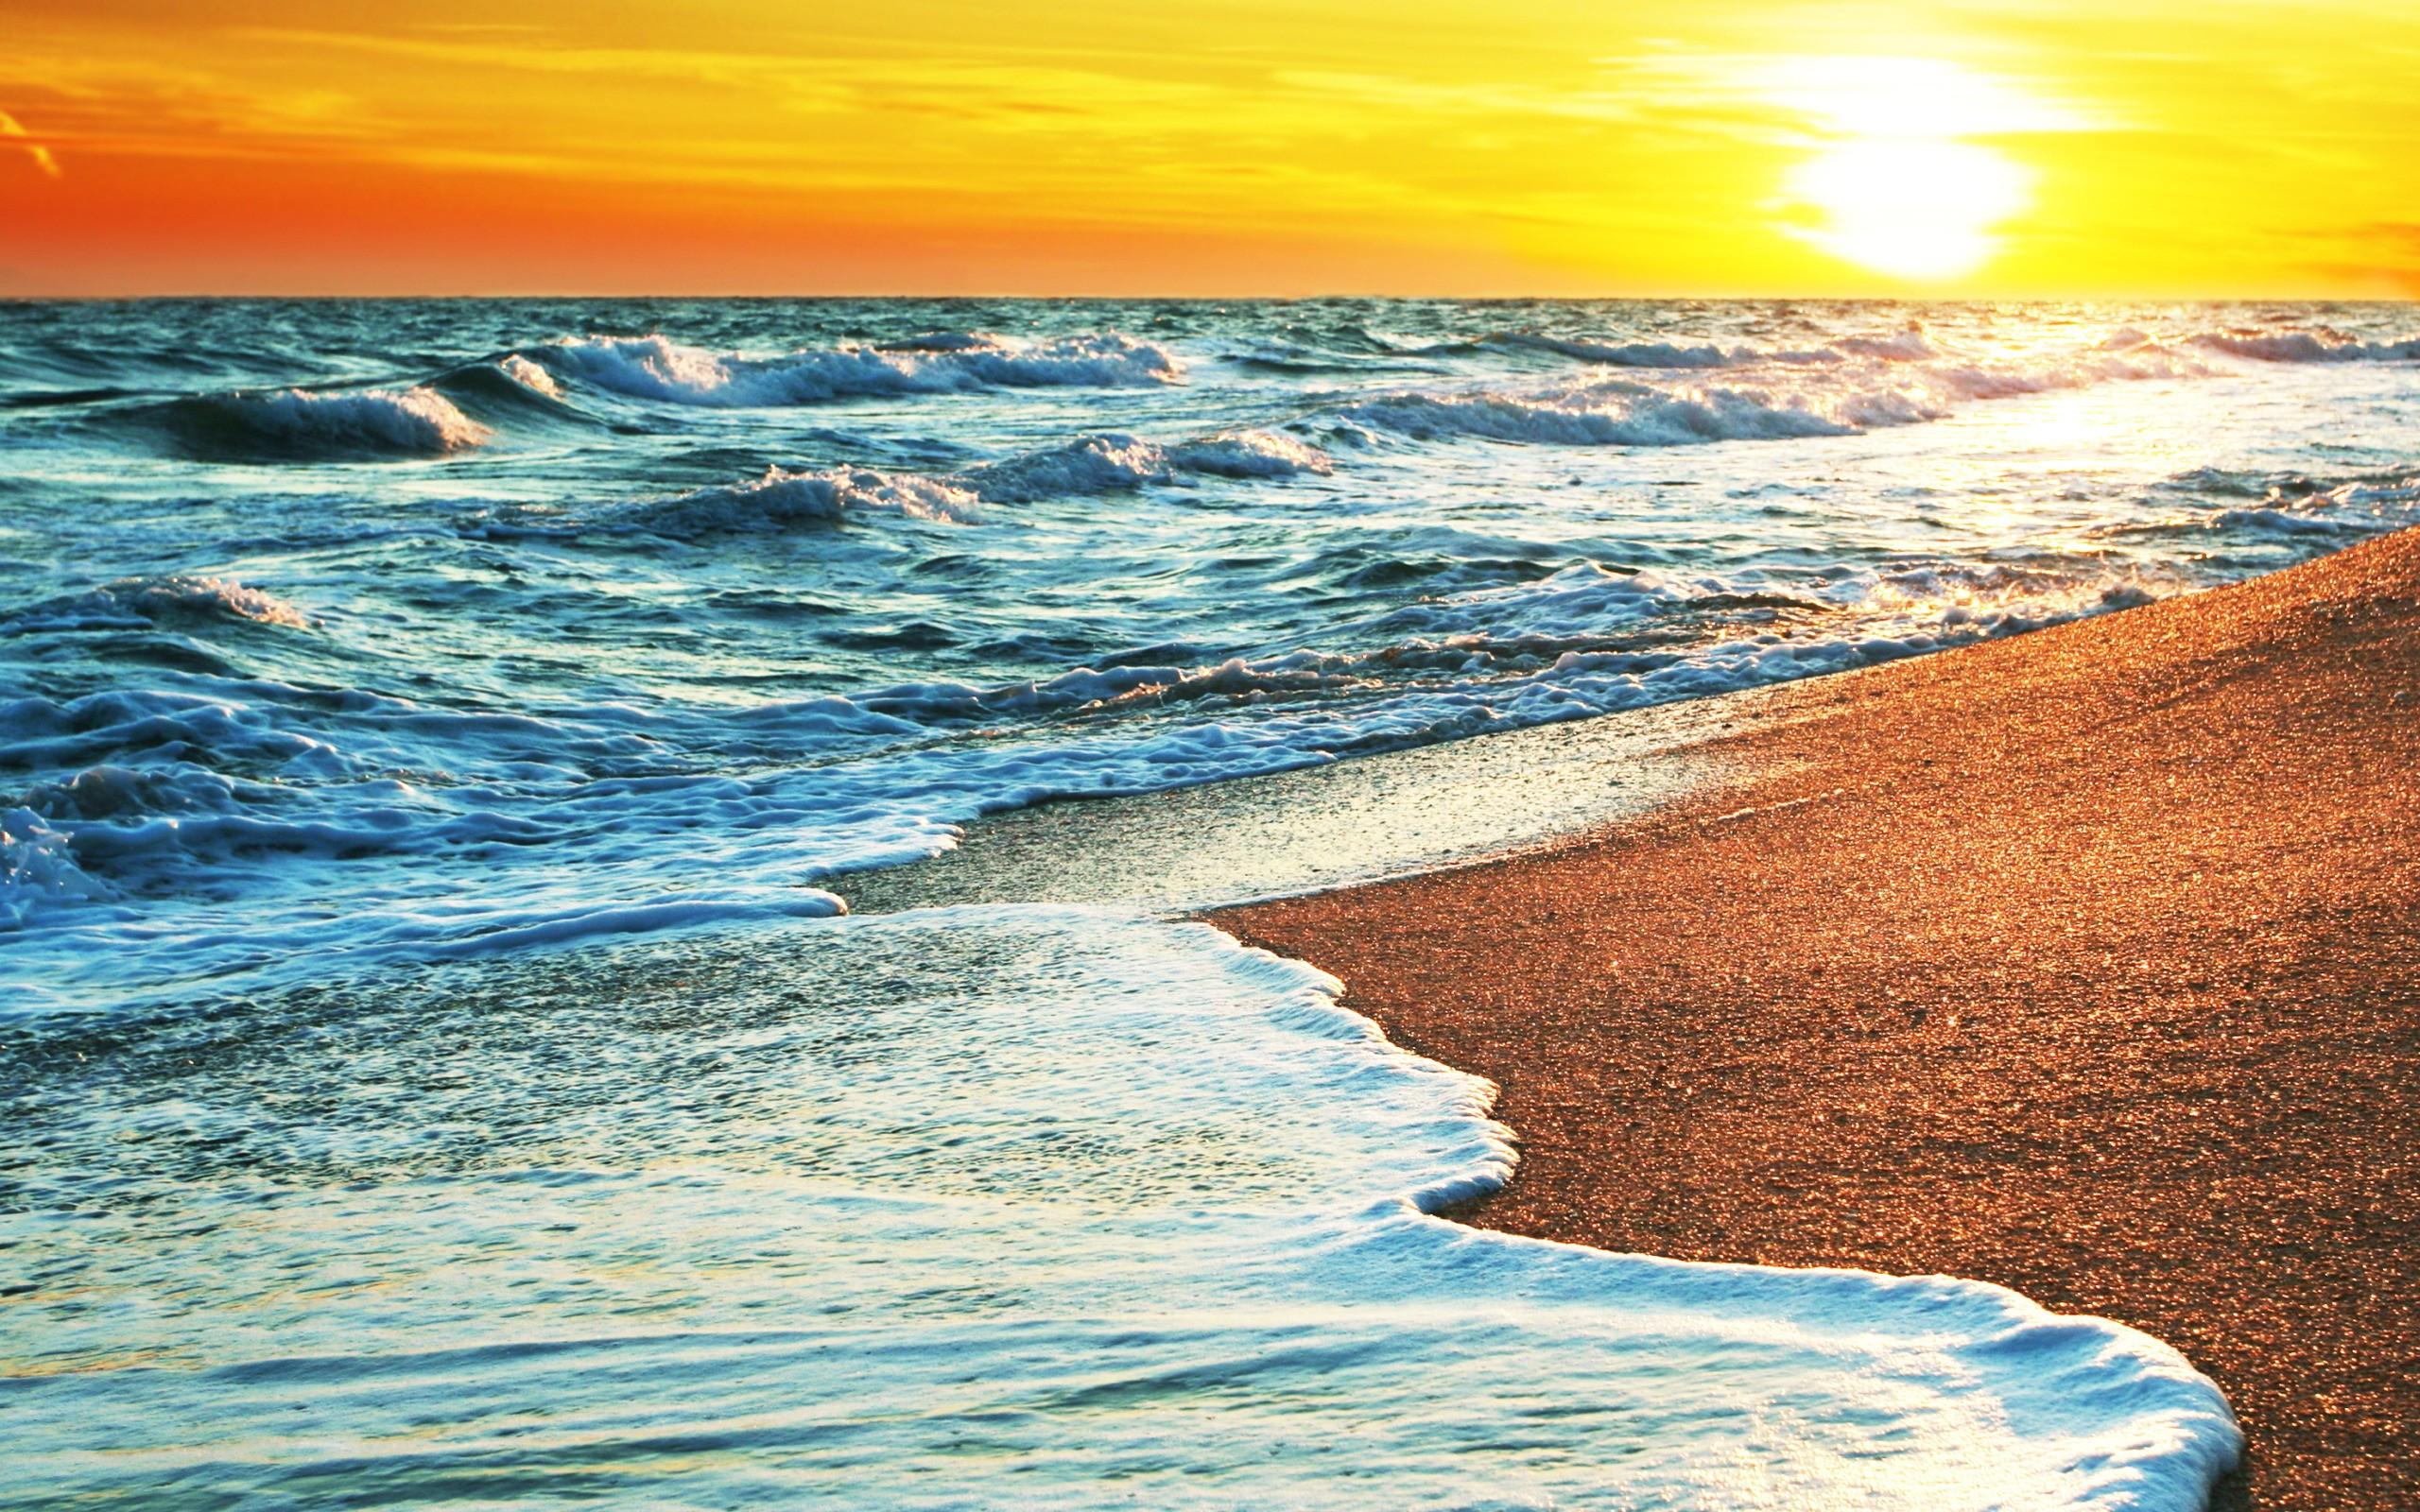 Beach Waves Wallpapers For Desktop Beach Waves: Beach Wave Wallpaper